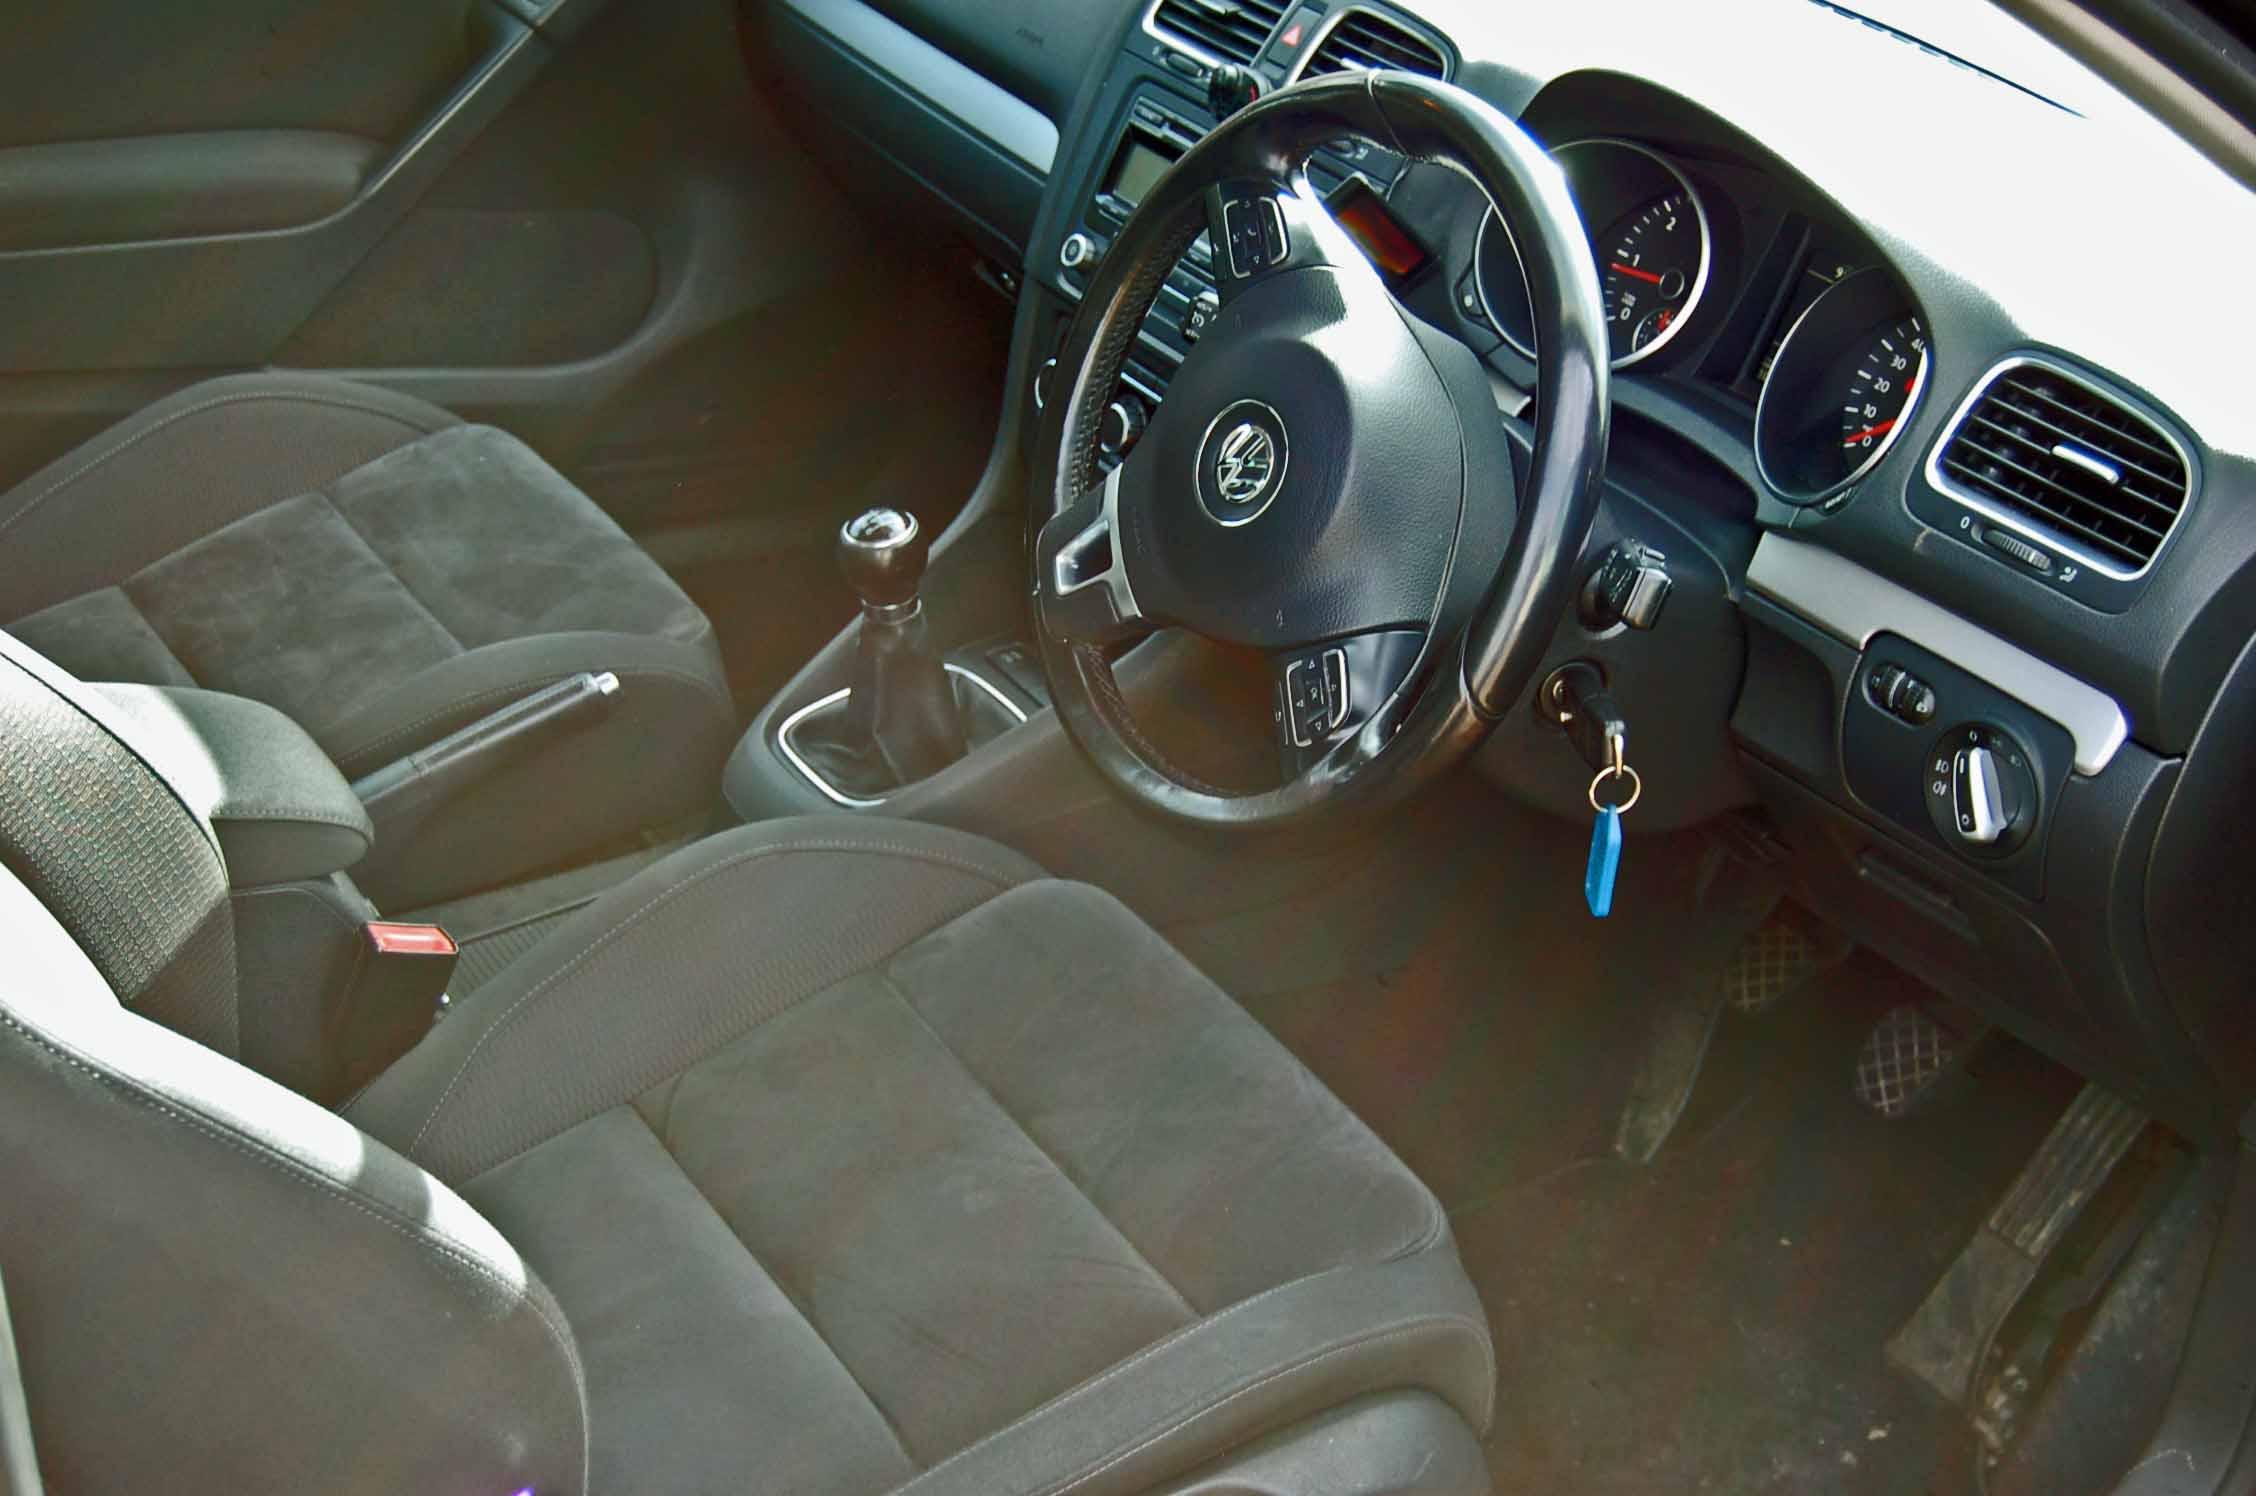 Lot 7 - A VOLKSWAGEN Golf GT 2.0 TDi 140 3-Door, 6-Speed, Diesel, Manual Hatchback, Registration No. DE09